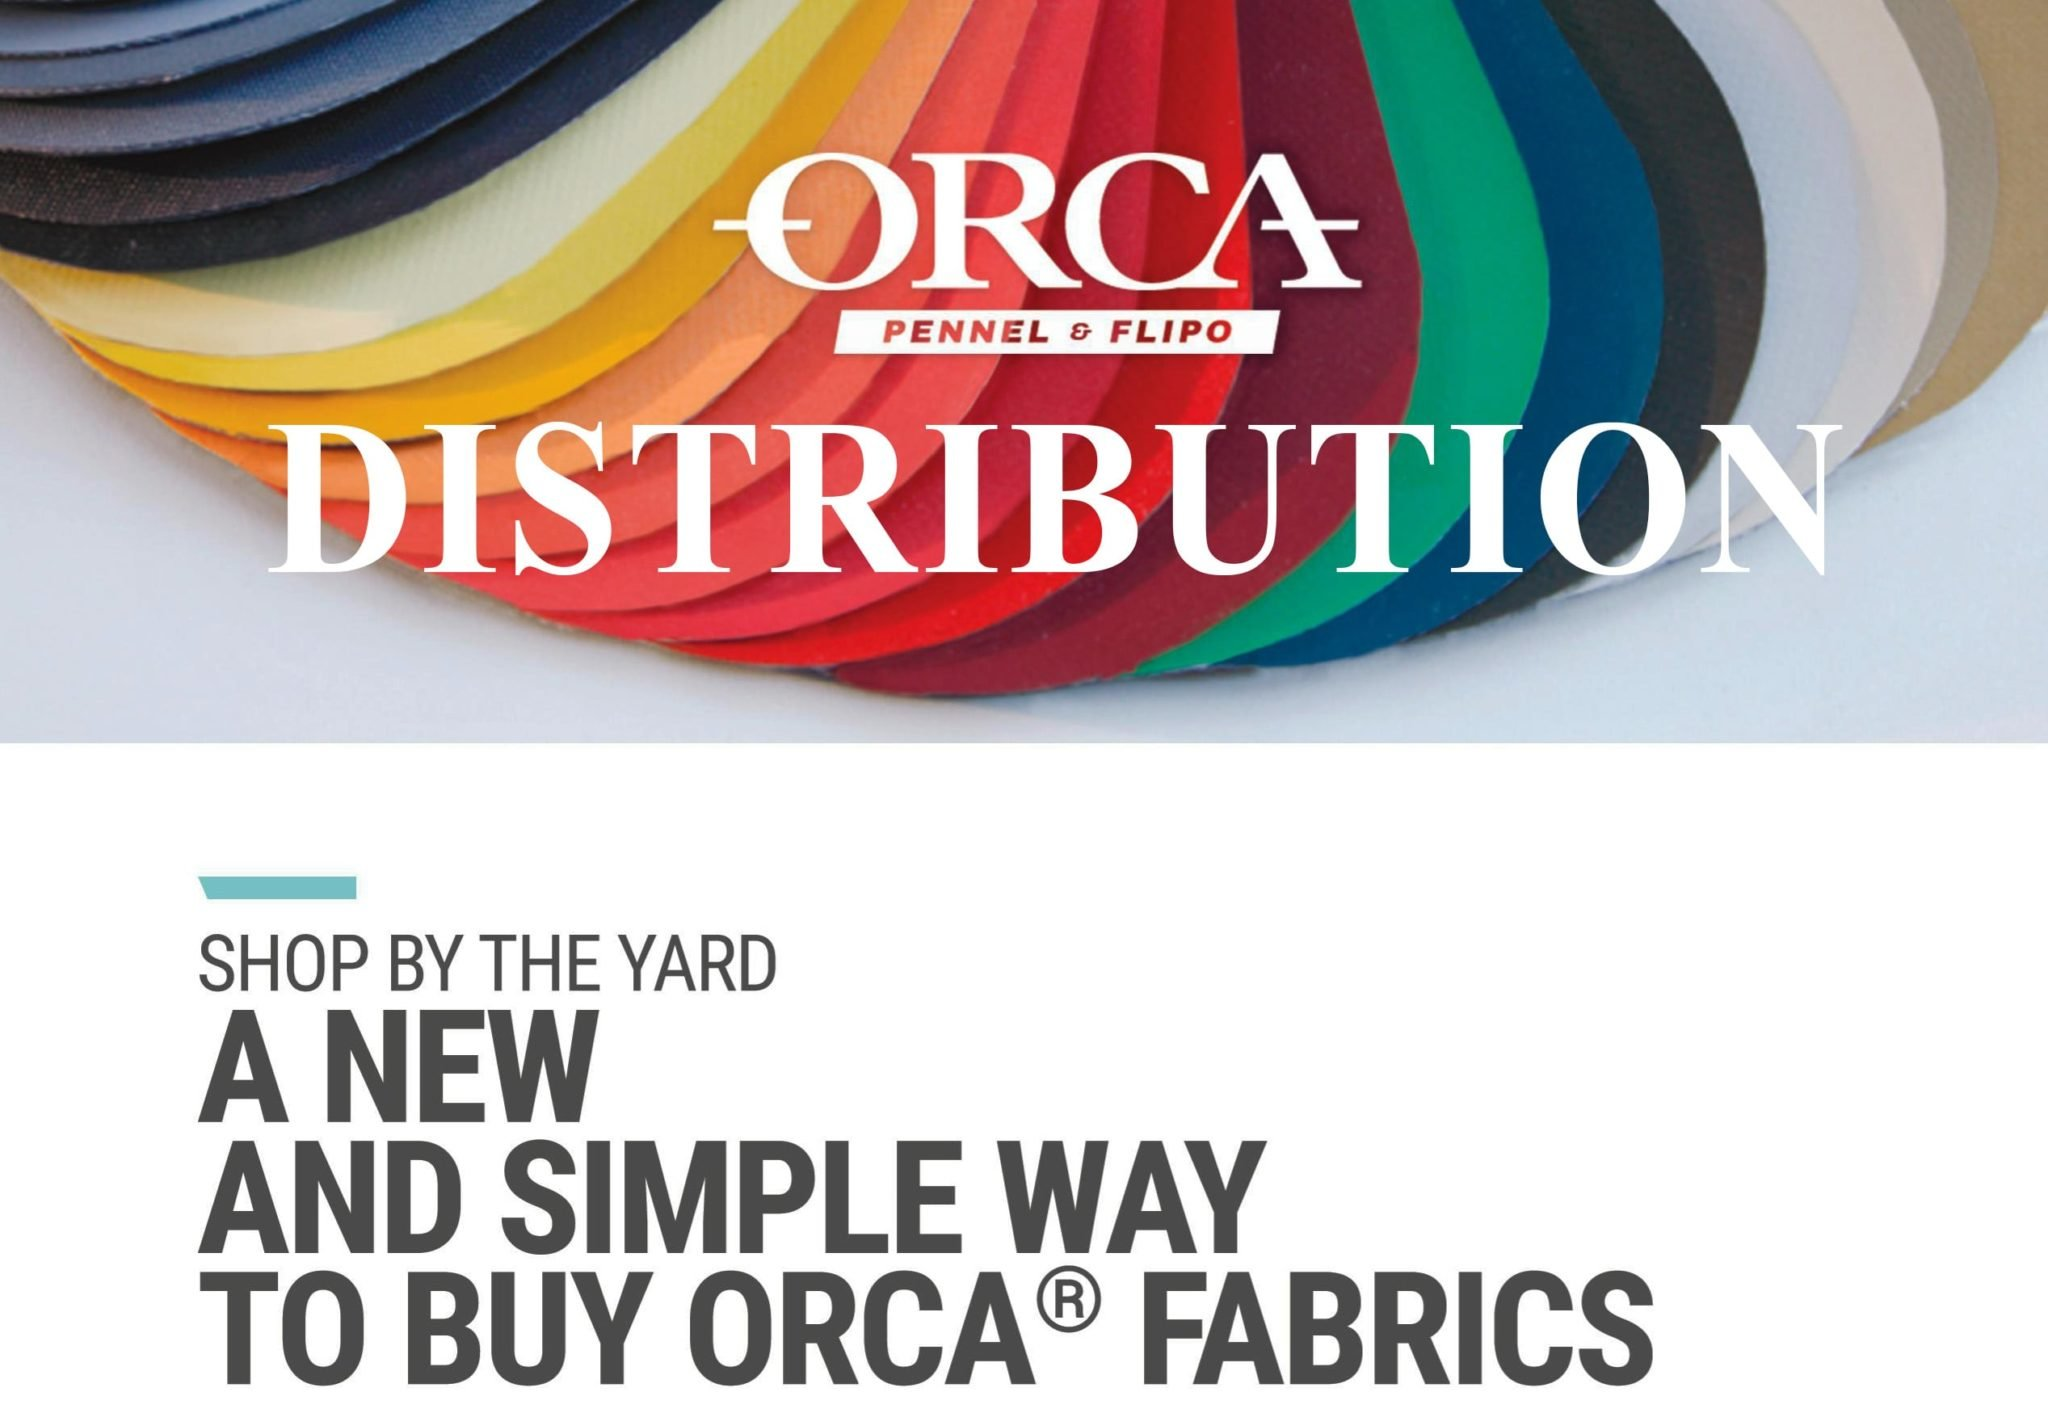 34/5000 Распространение фотографий на ткани Orca®